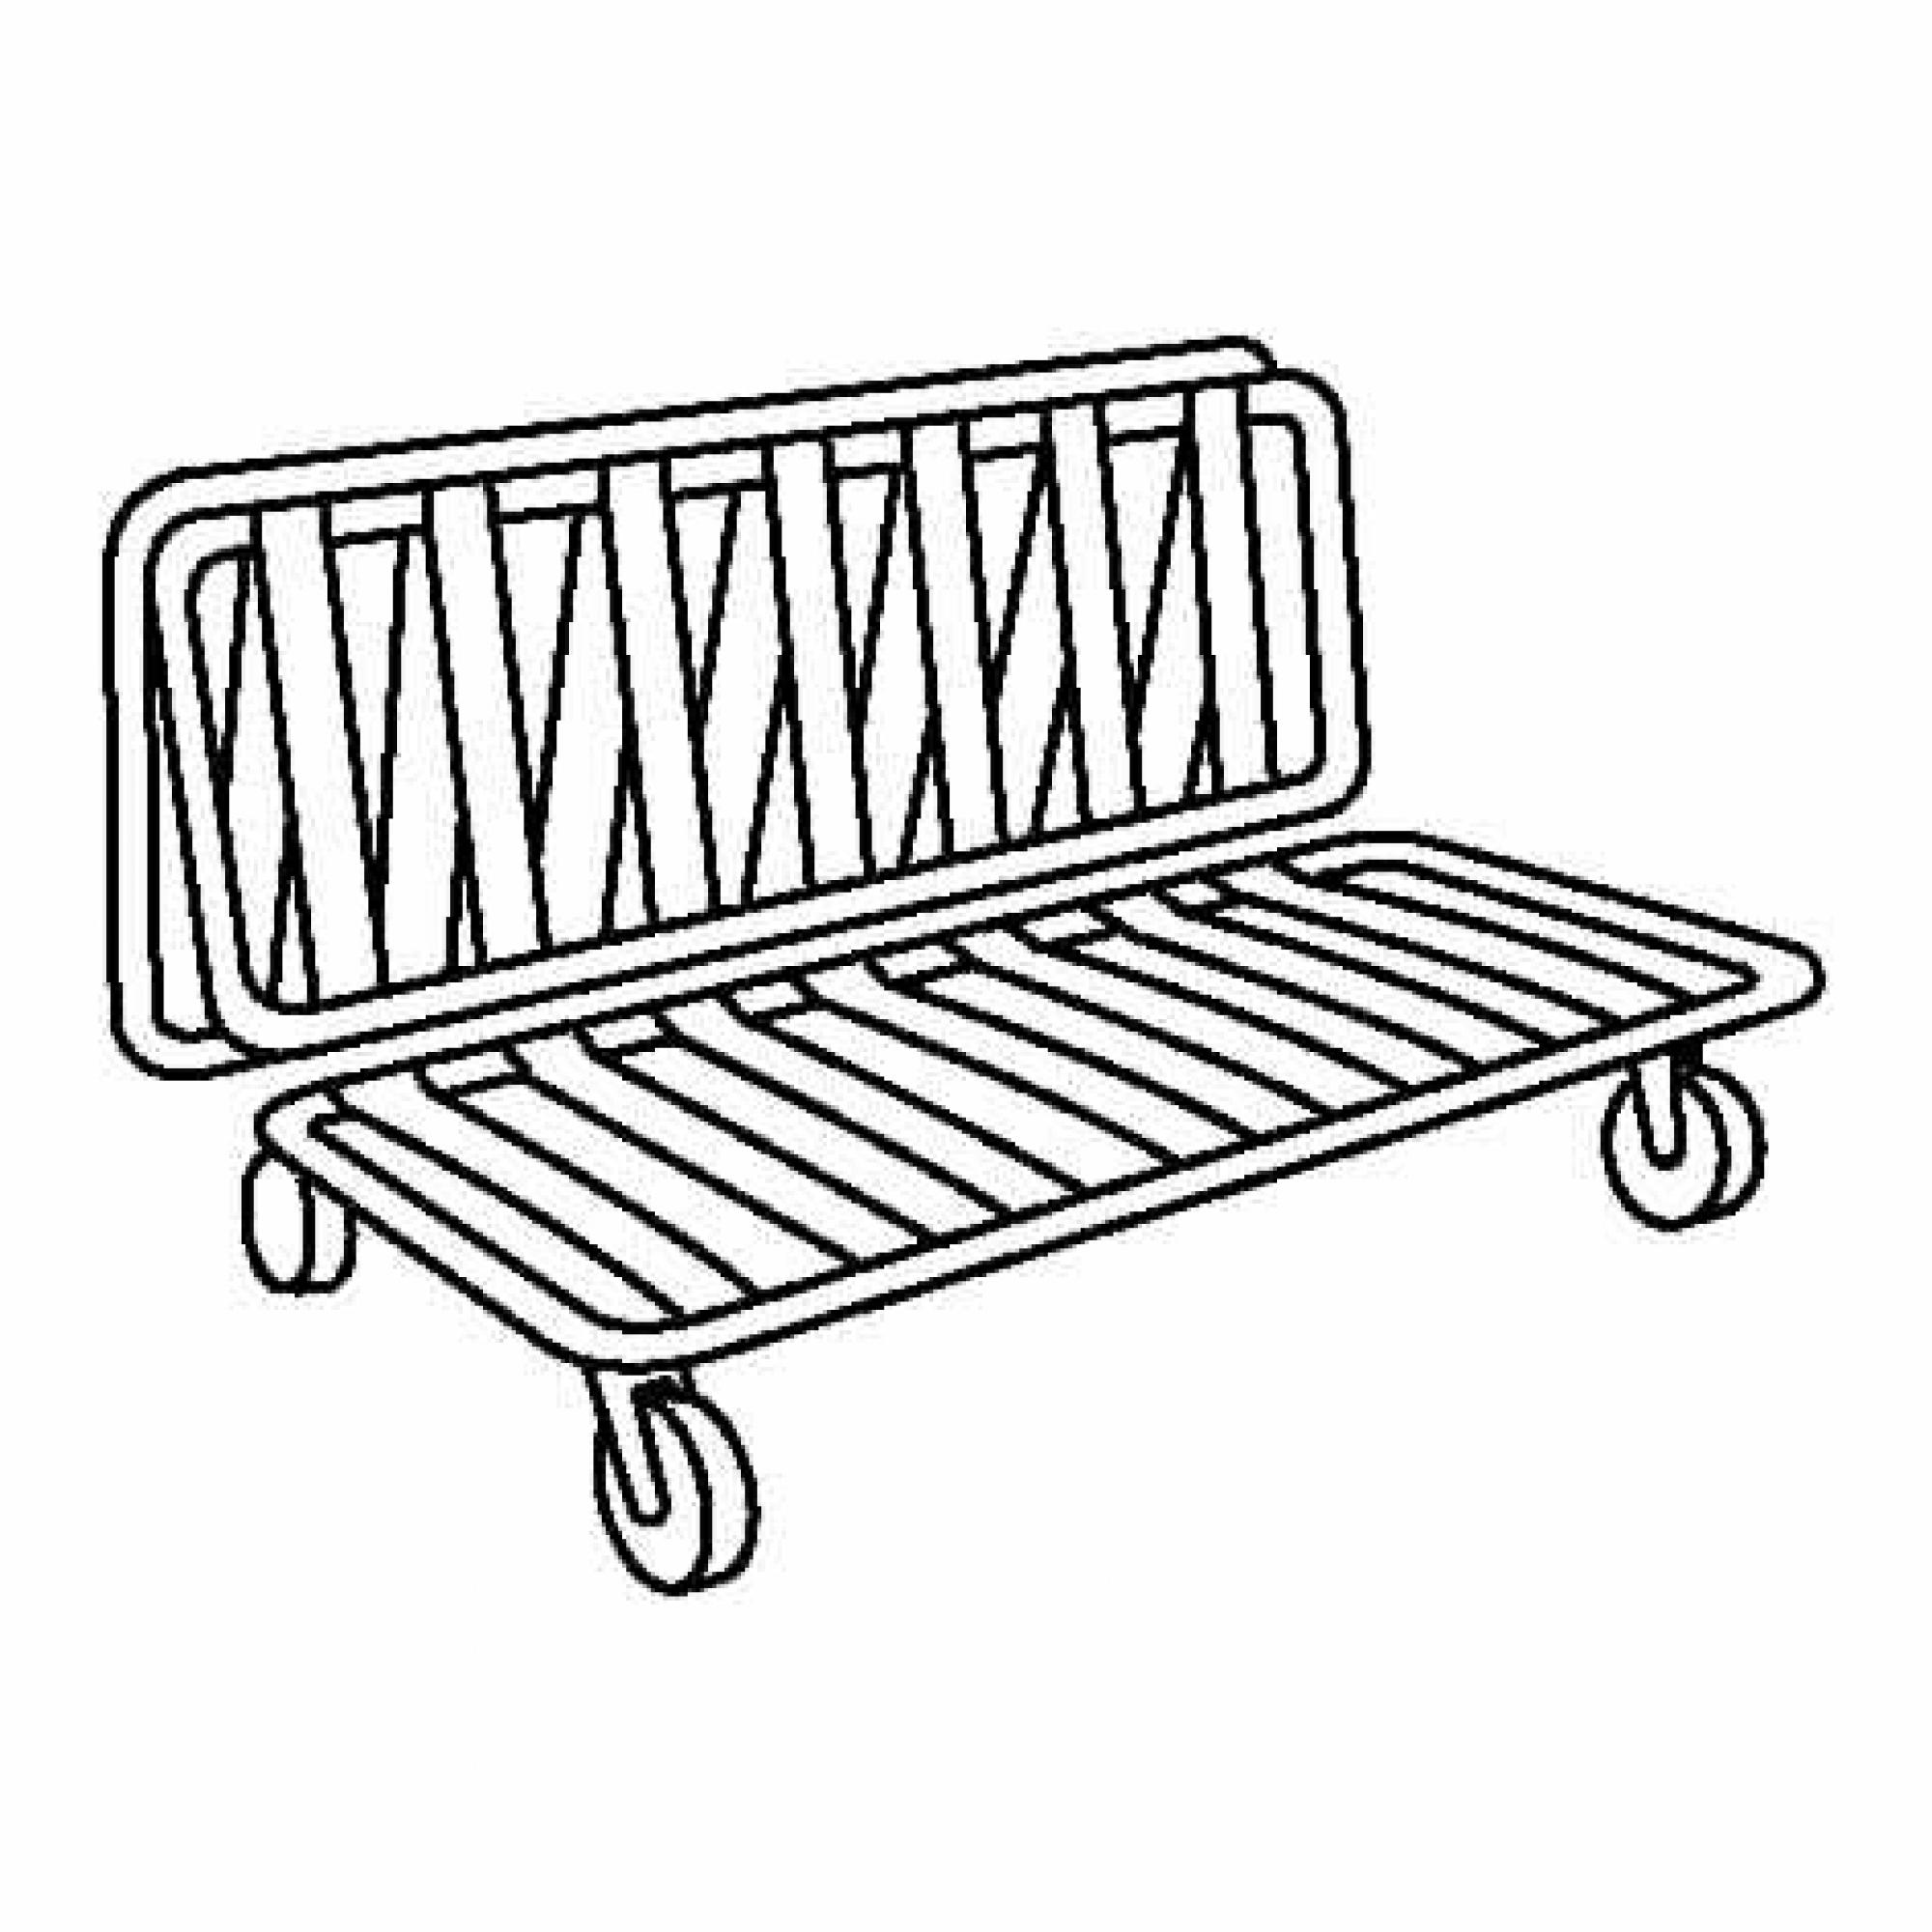 Ikea ps estructura sof cama 2 plazas for Cuanto vale un sofa cama